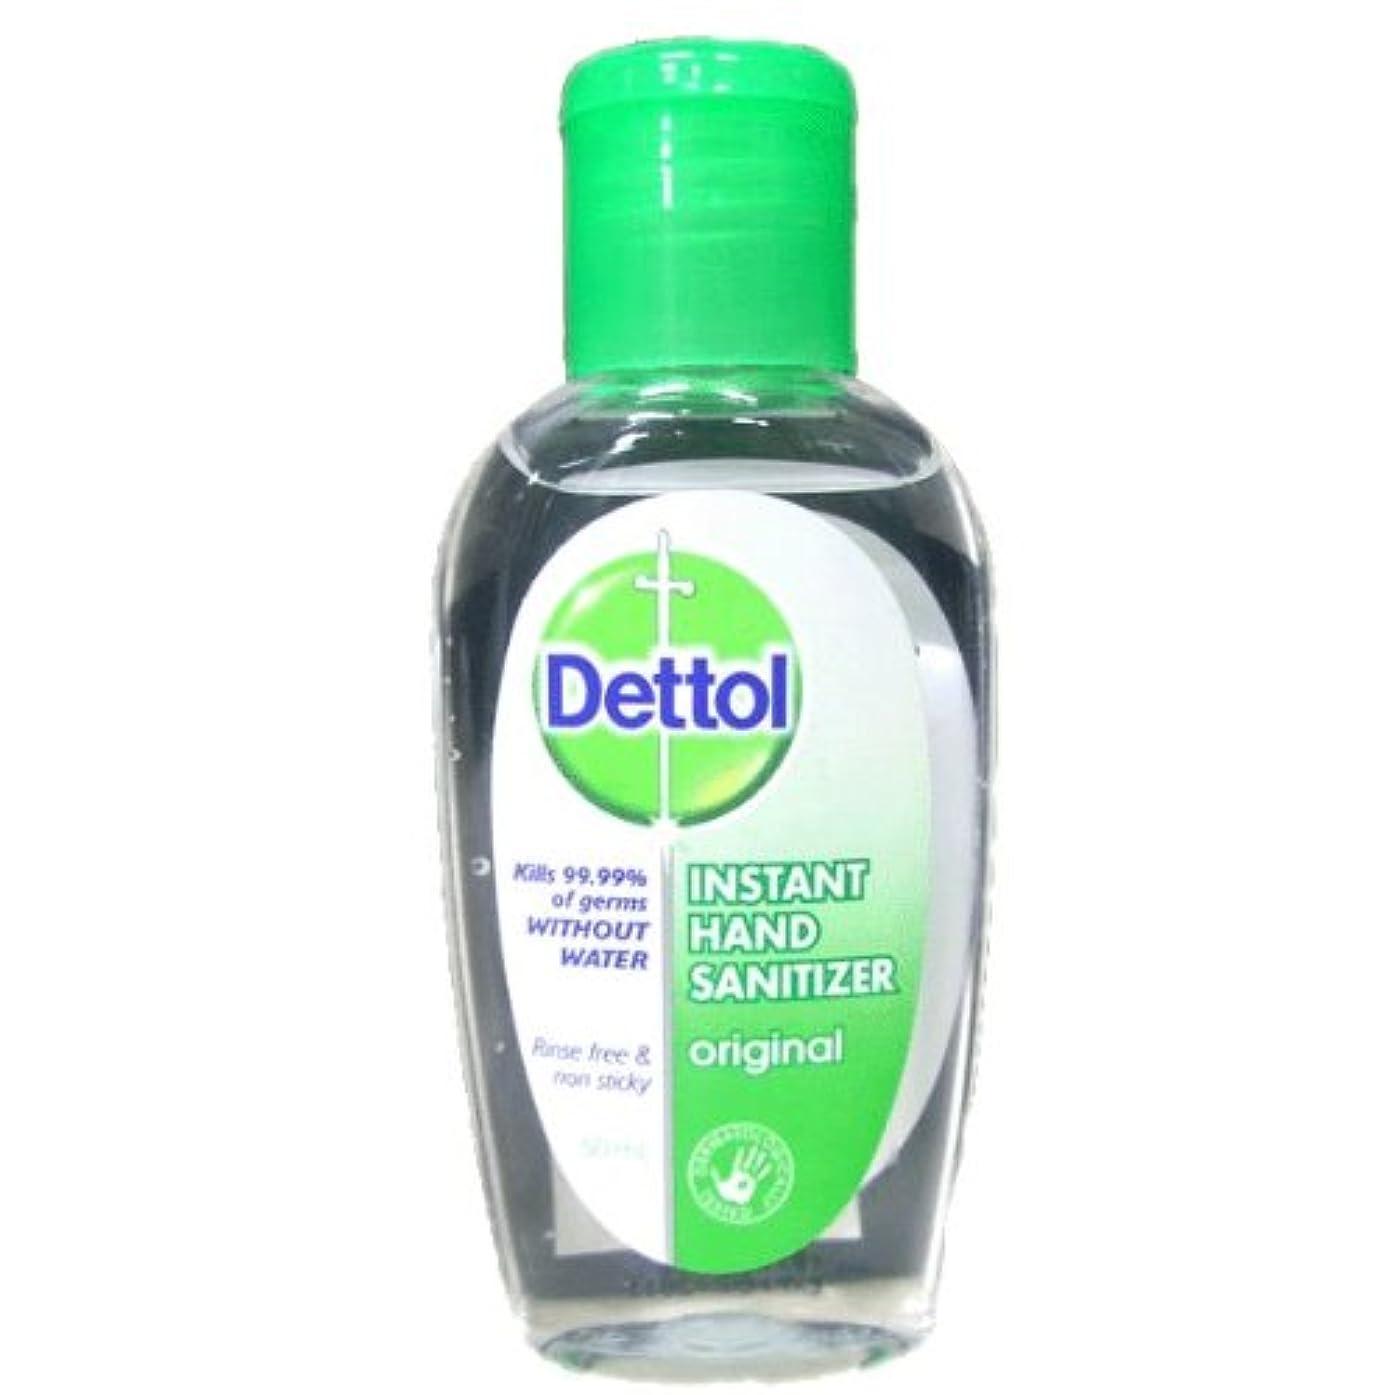 招待恥ずかしさ治世Dettol instant hand sanitizer